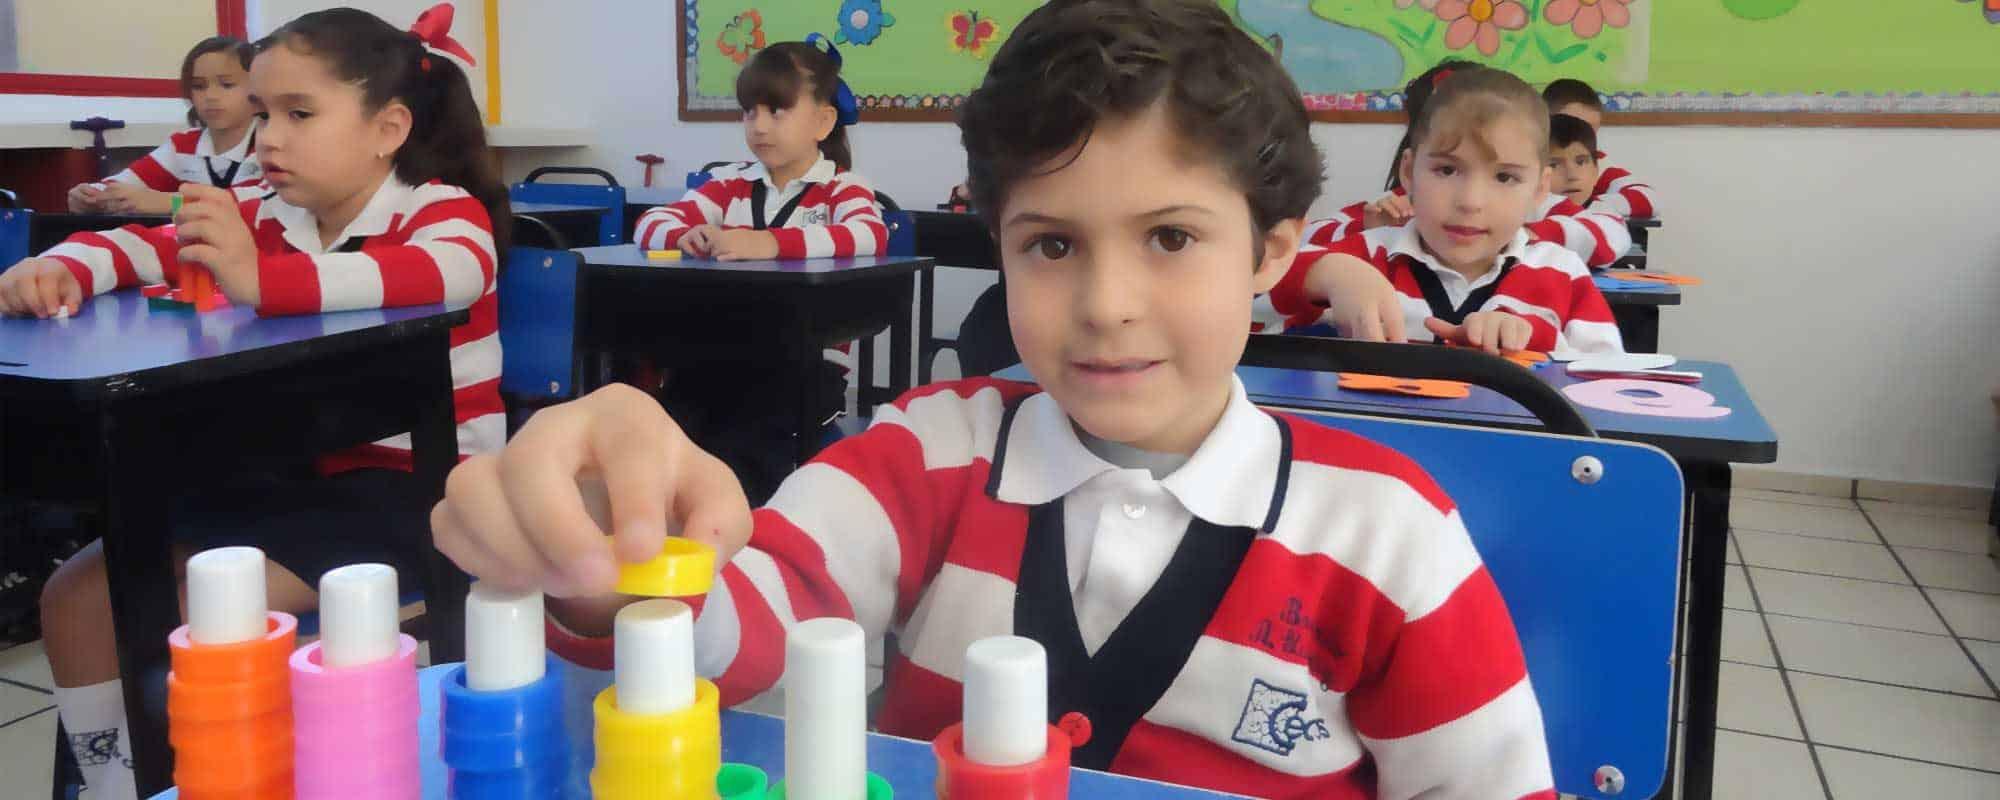 Slider que representa a un niño feliz de estudiar en Cedros College.